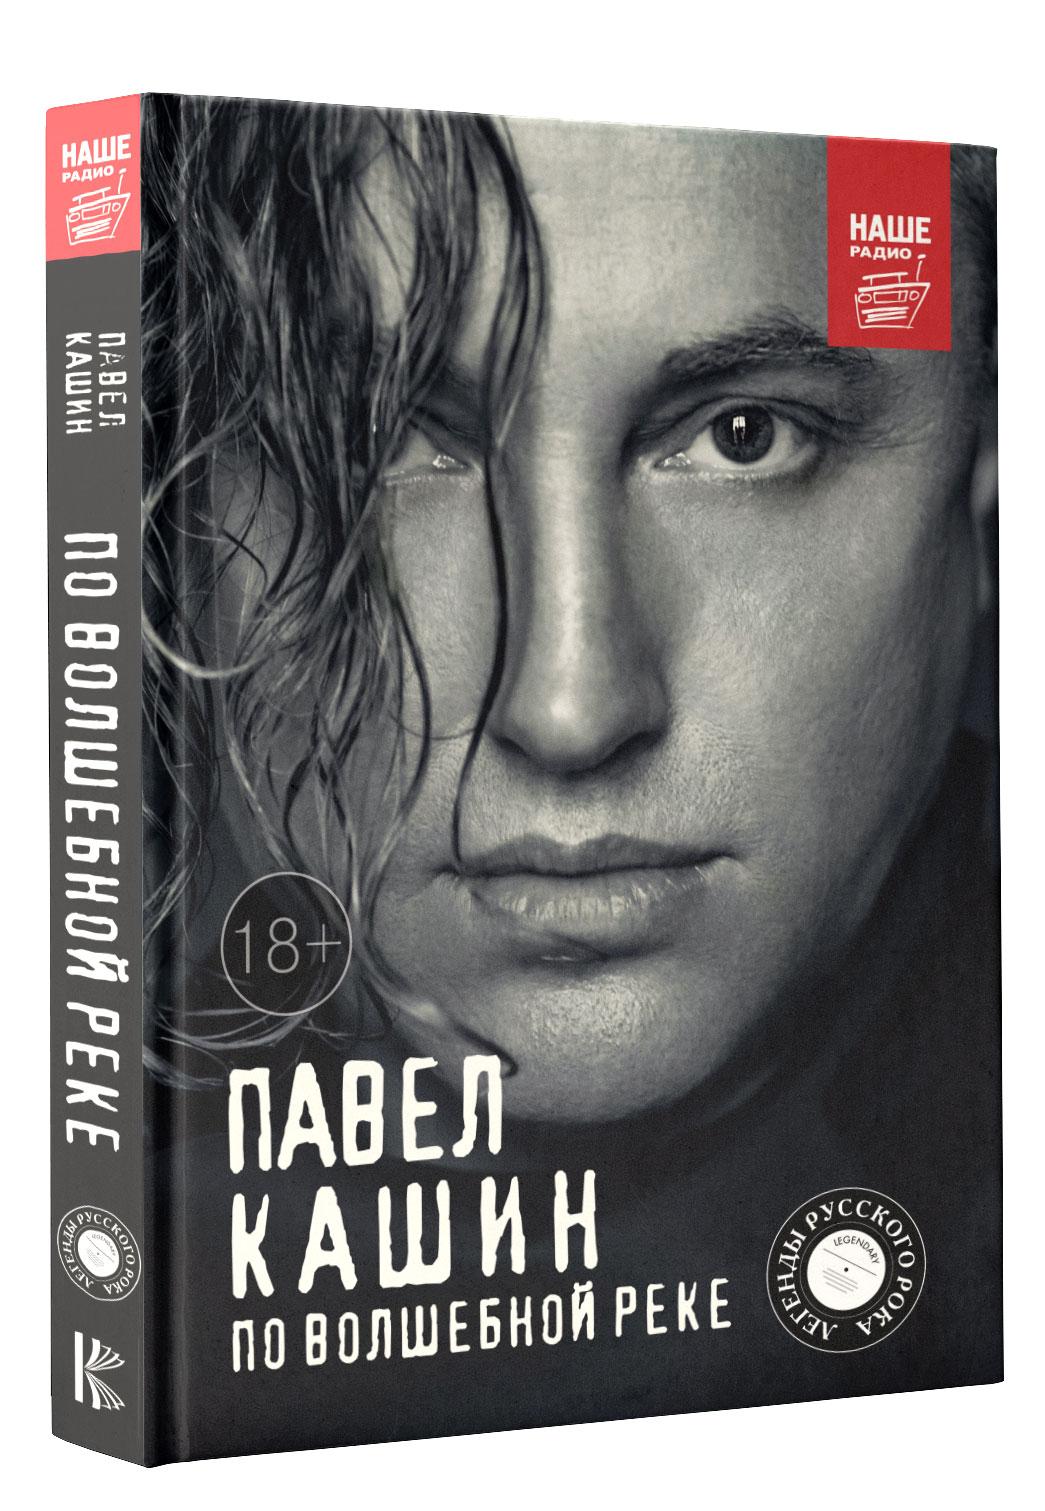 Павел Кашин Павел Кашин. По волшебной реке ISBN: 978-5-17-982509-8 павел лукницкий путешествия по памиру